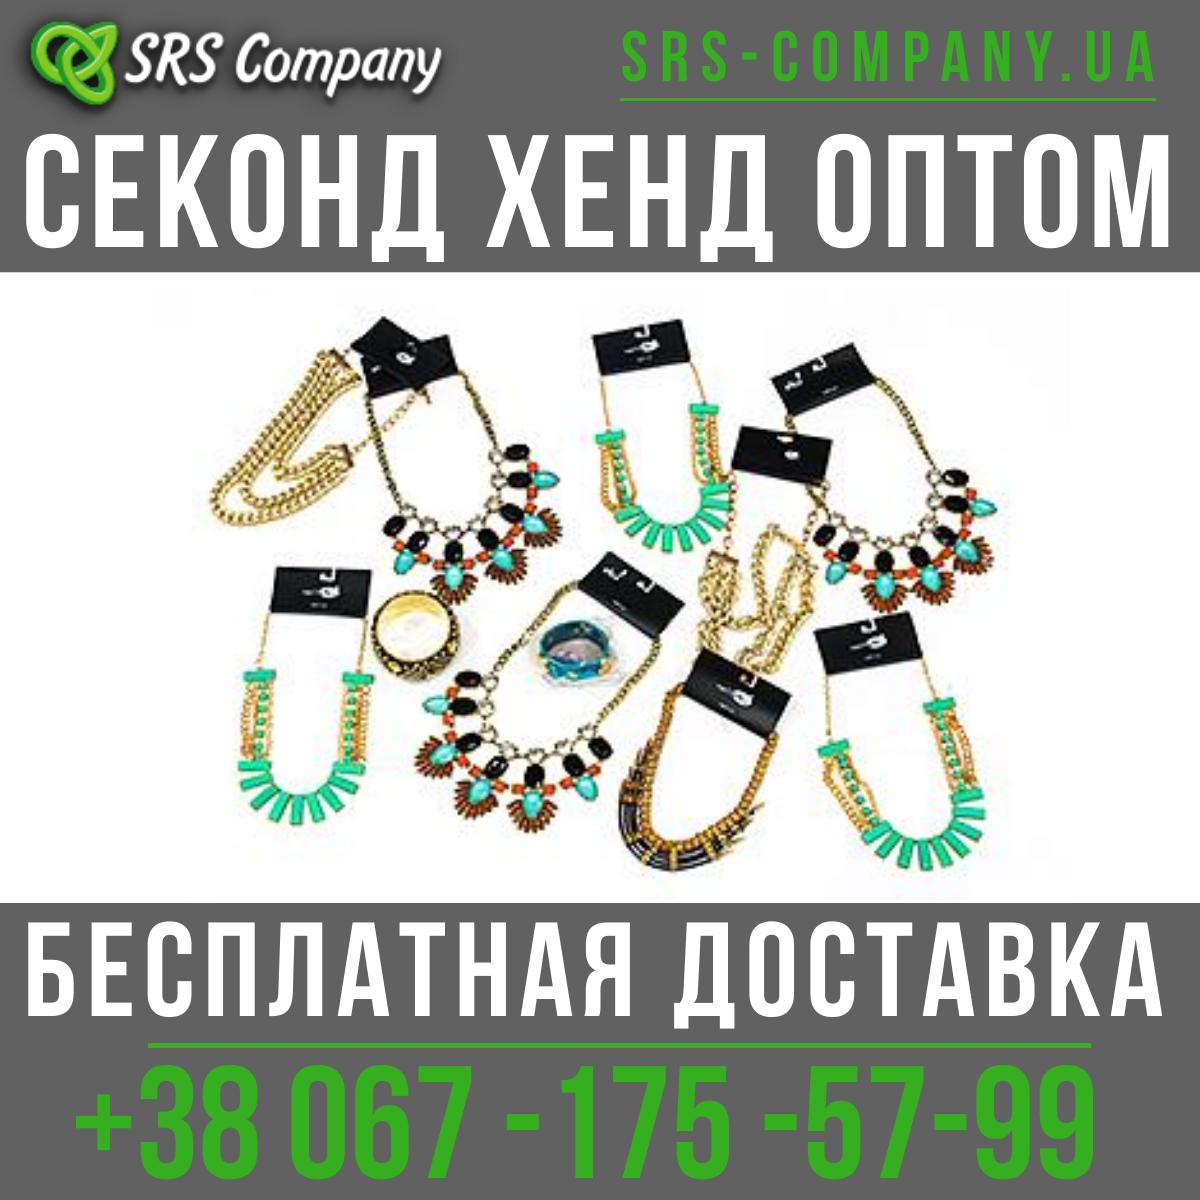 6deb49b19e8 Бижутерия секонд хенд сток. Цена от 33 € кг + ДОСТАВКА - SRS